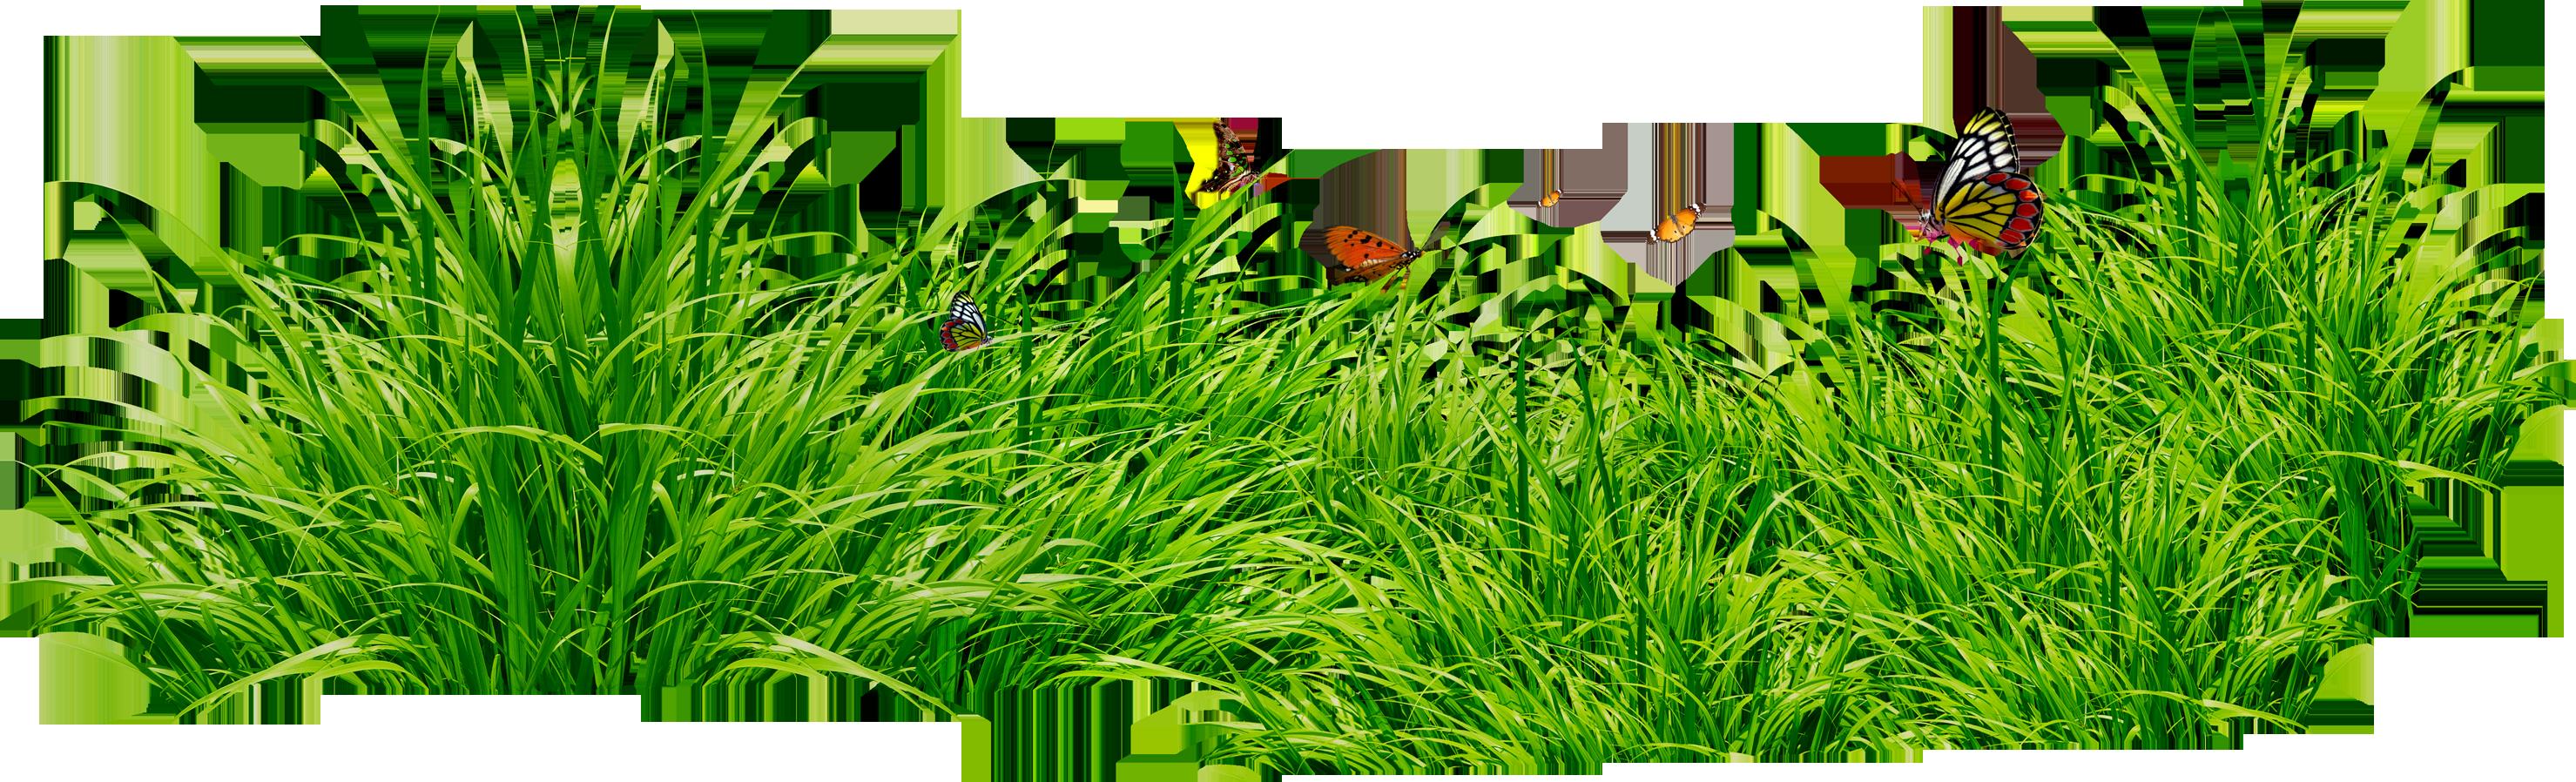 Grass clipart 18